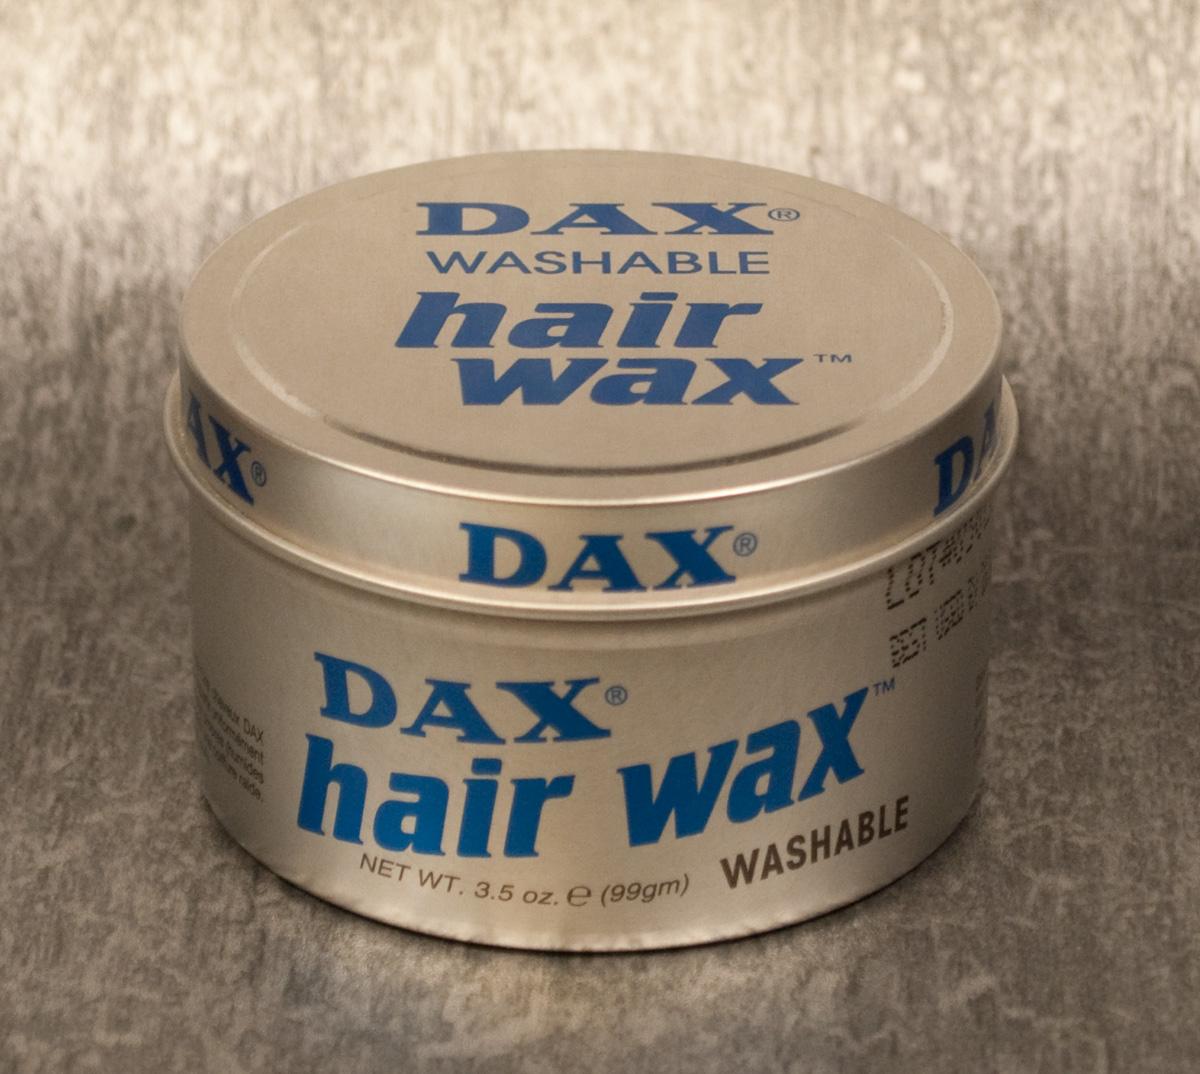 a s hamburg dax washable hair wax 99g online kaufen. Black Bedroom Furniture Sets. Home Design Ideas